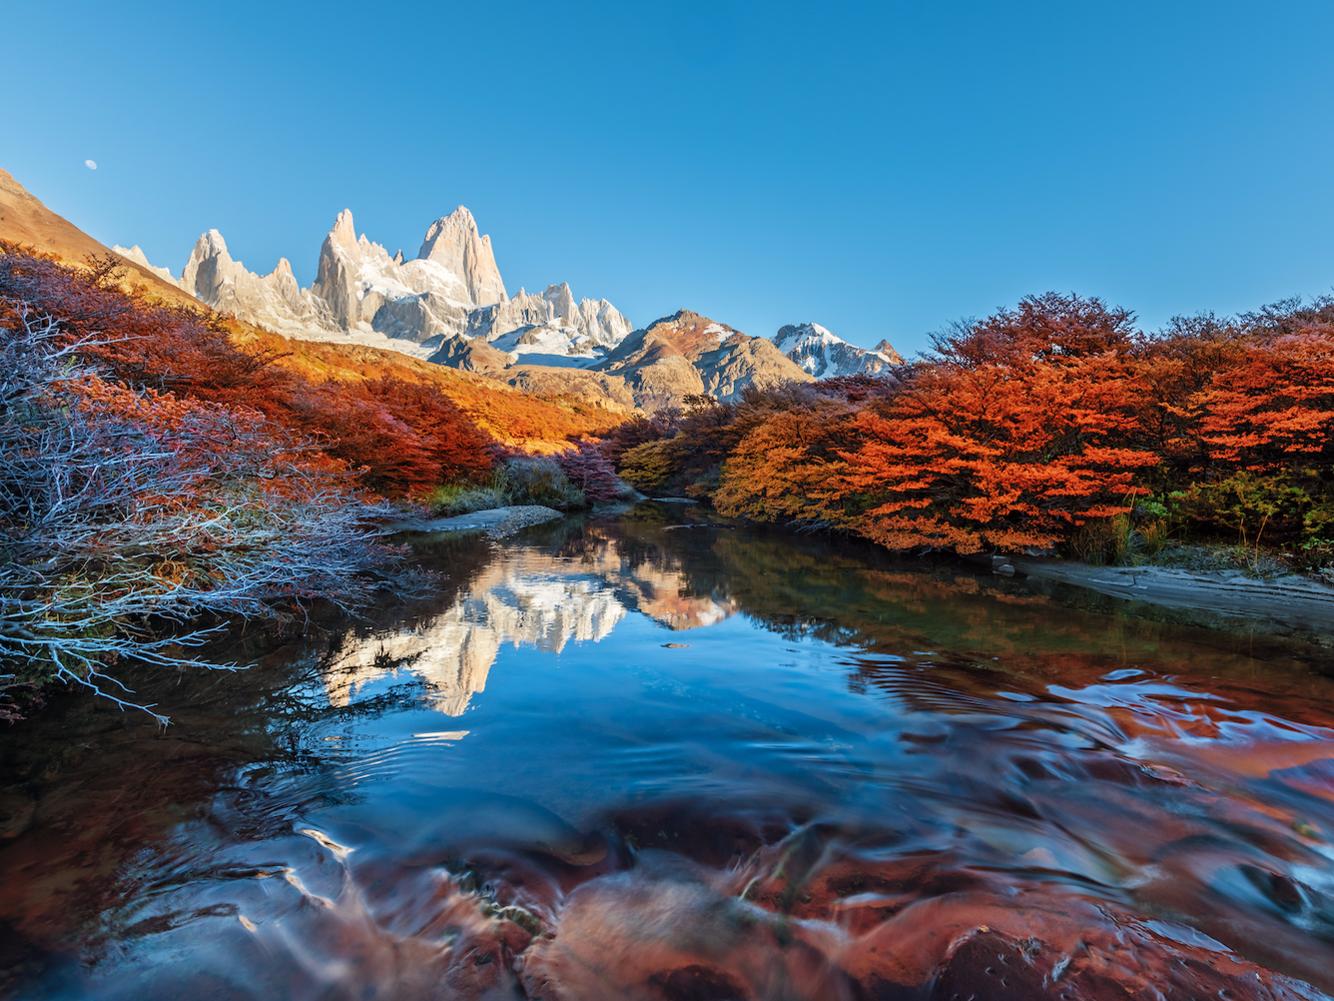 """<strong><em>Núi Fitz Roy, Patagonia:</em></strong>Mặc dù nhiều người biết ngọn núi này với tên gọi Fitz Roy, nhưng cái tên ban đầu của nó là Chaltén, có nghĩa là """"núi khói"""" trong tiếng địa phương của bộ tộc Tehuelche. Nằm giữa biên giới của Argentina và Chile, phía nam sông băng Patagonia, hình ảnh ngọn núi cũng là nguồn cảm hứng cho logo của công ty thời trang Patagonia. Người sáng lập của Patagonia, Yvon Chouinard, đã leo lên đỉnh núi này vào năm 1968."""